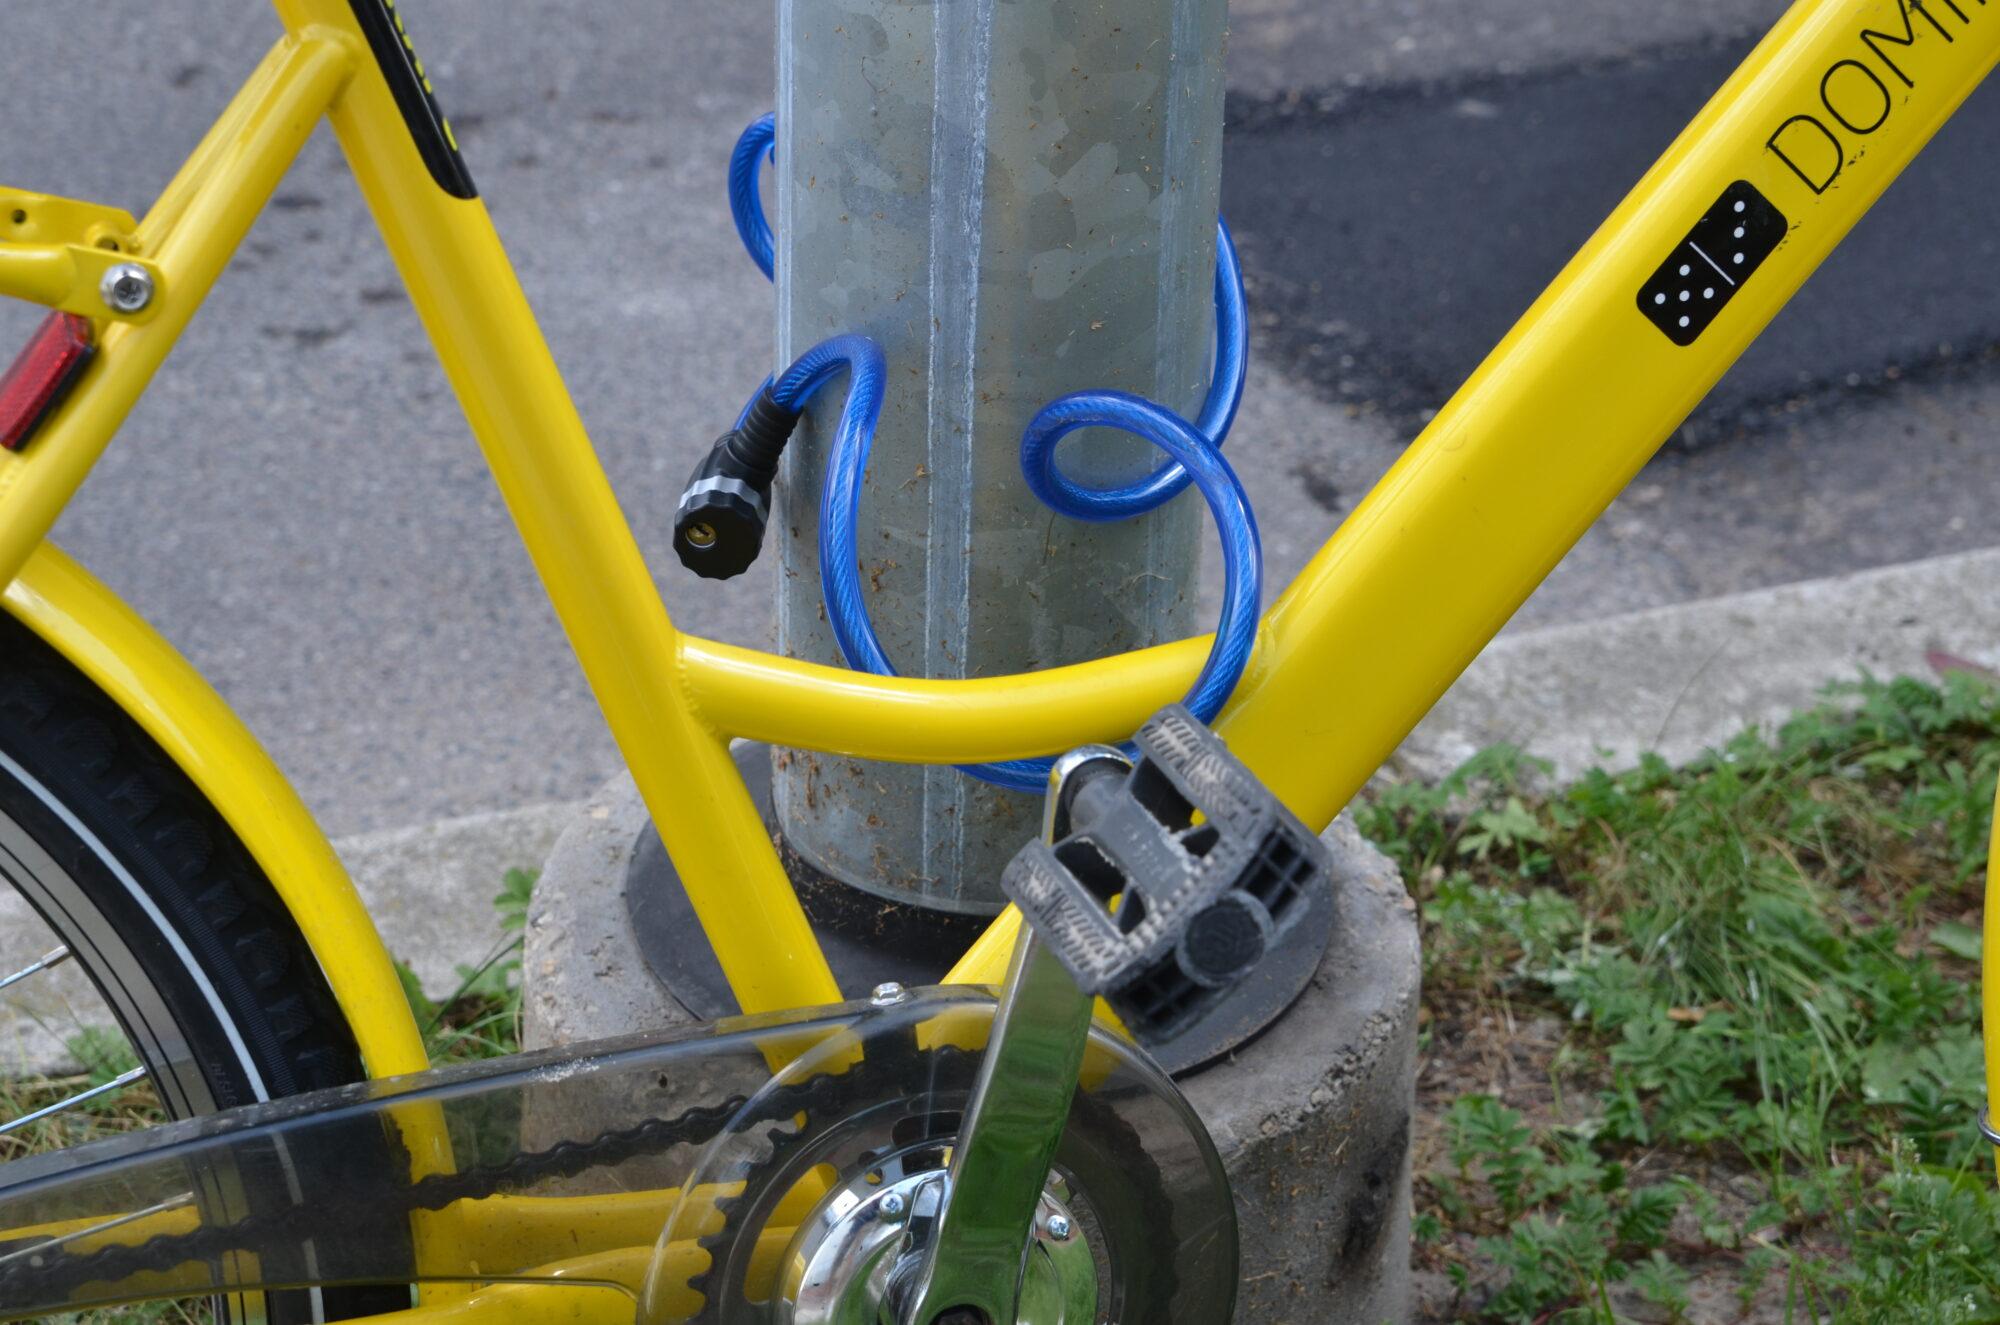 Nozagts kārtējais velosipēds